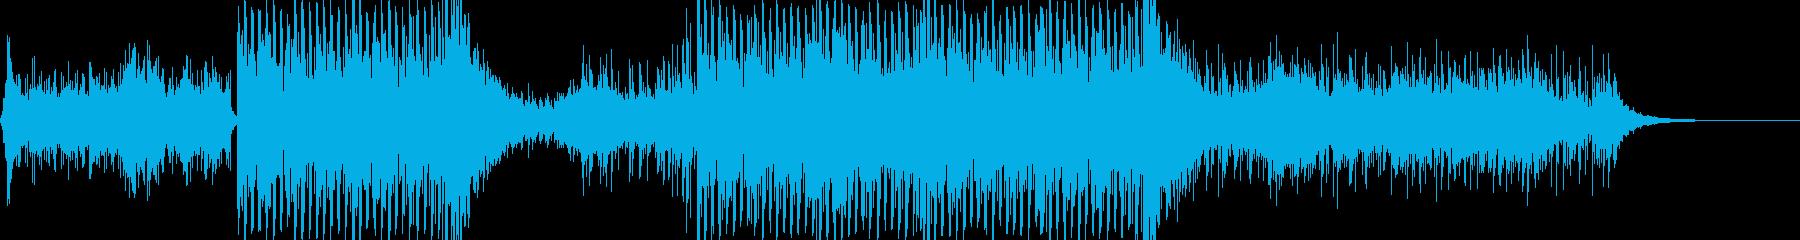 2人で星空の下をドライブする曲の再生済みの波形